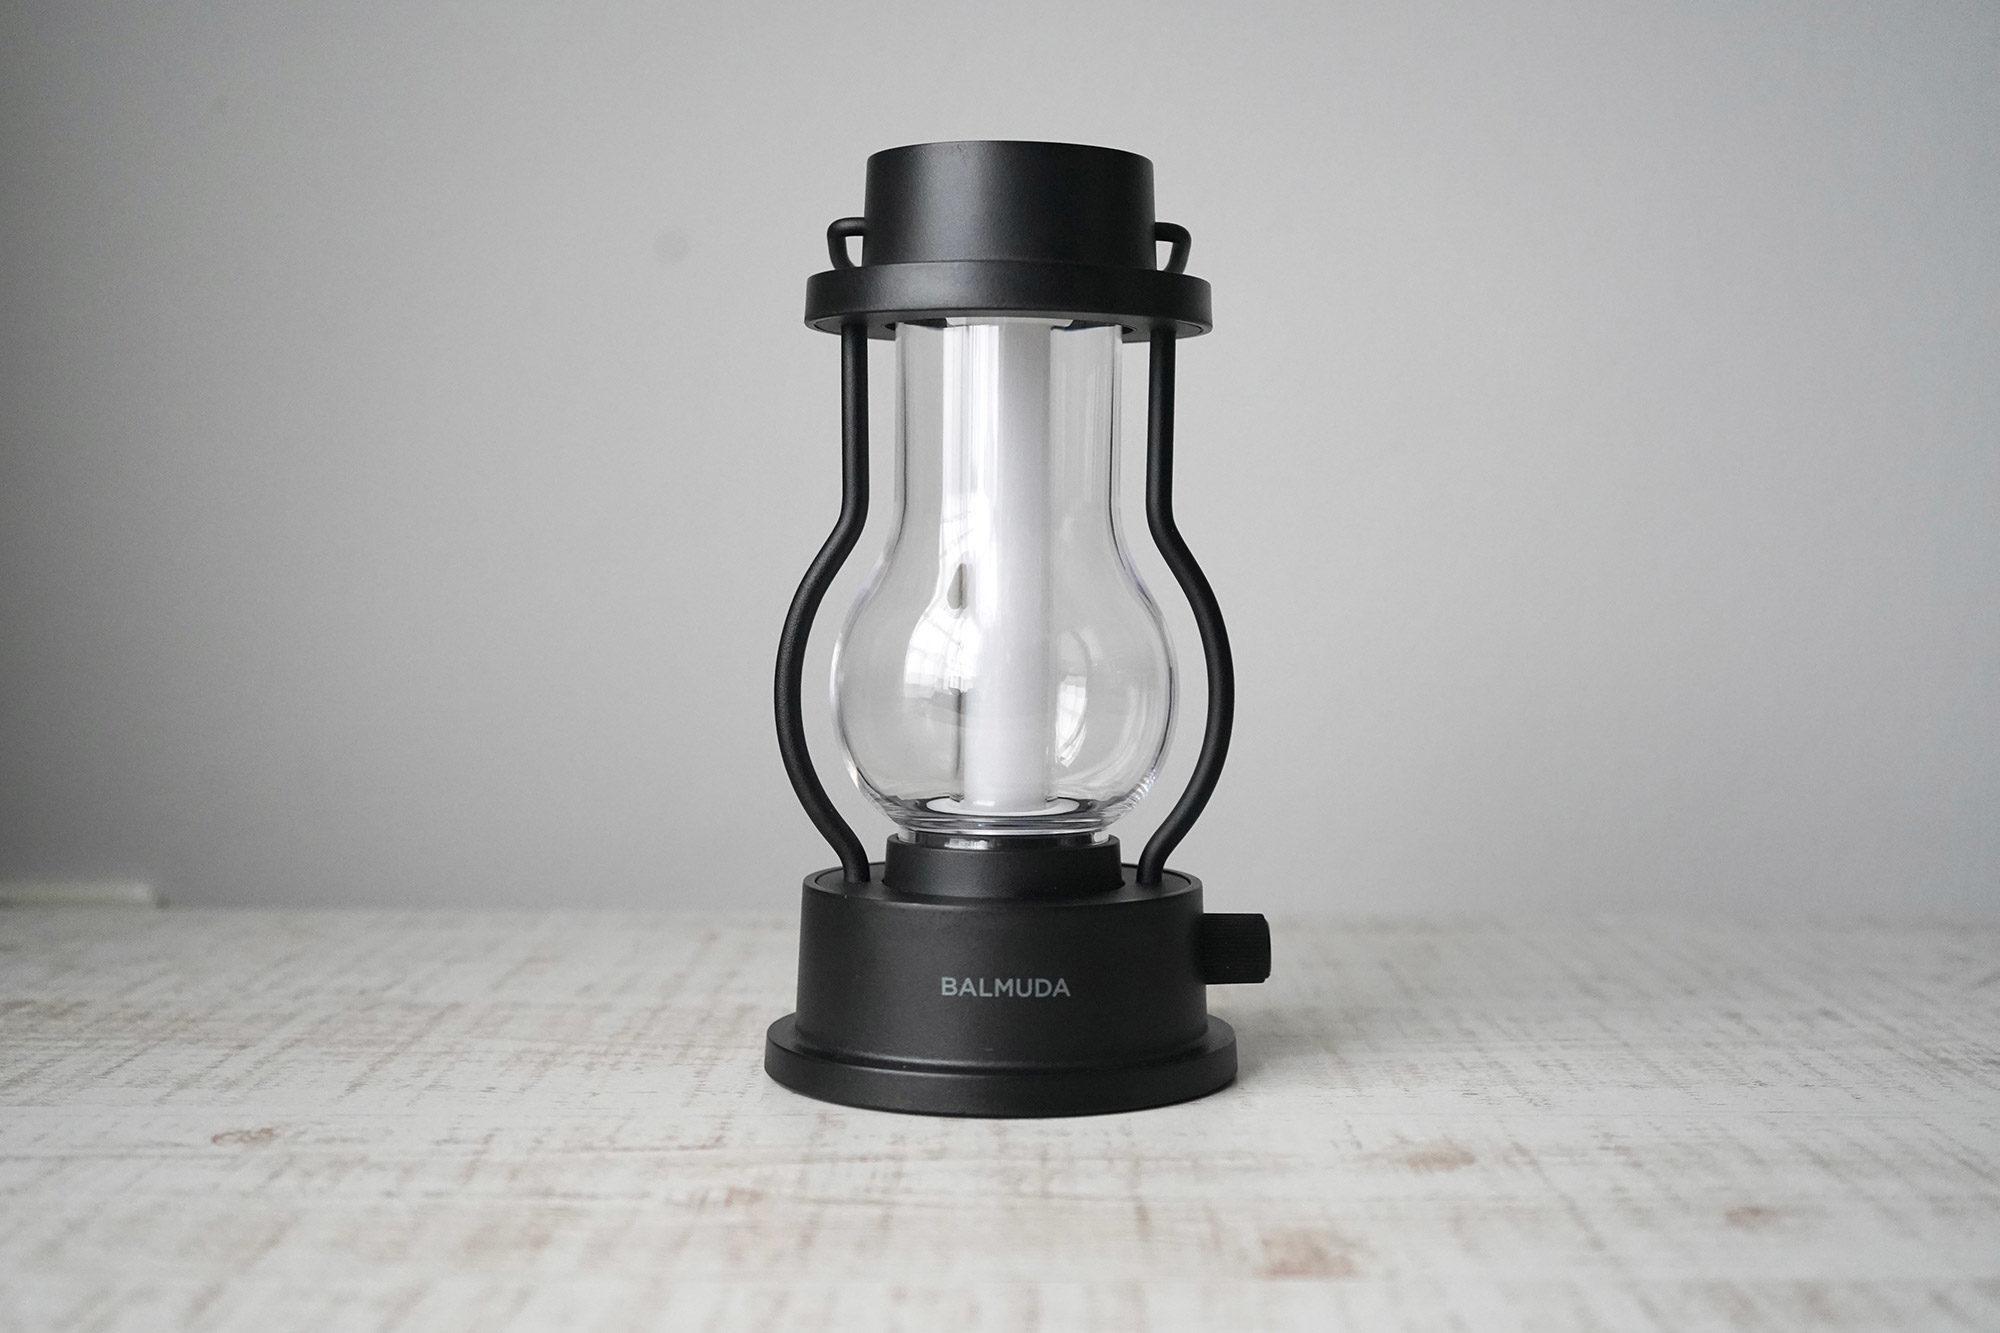 約6時間の充電で3~50時間ほど使えます。温白色の状態だと約3時間しか充電が持たないので注意です。